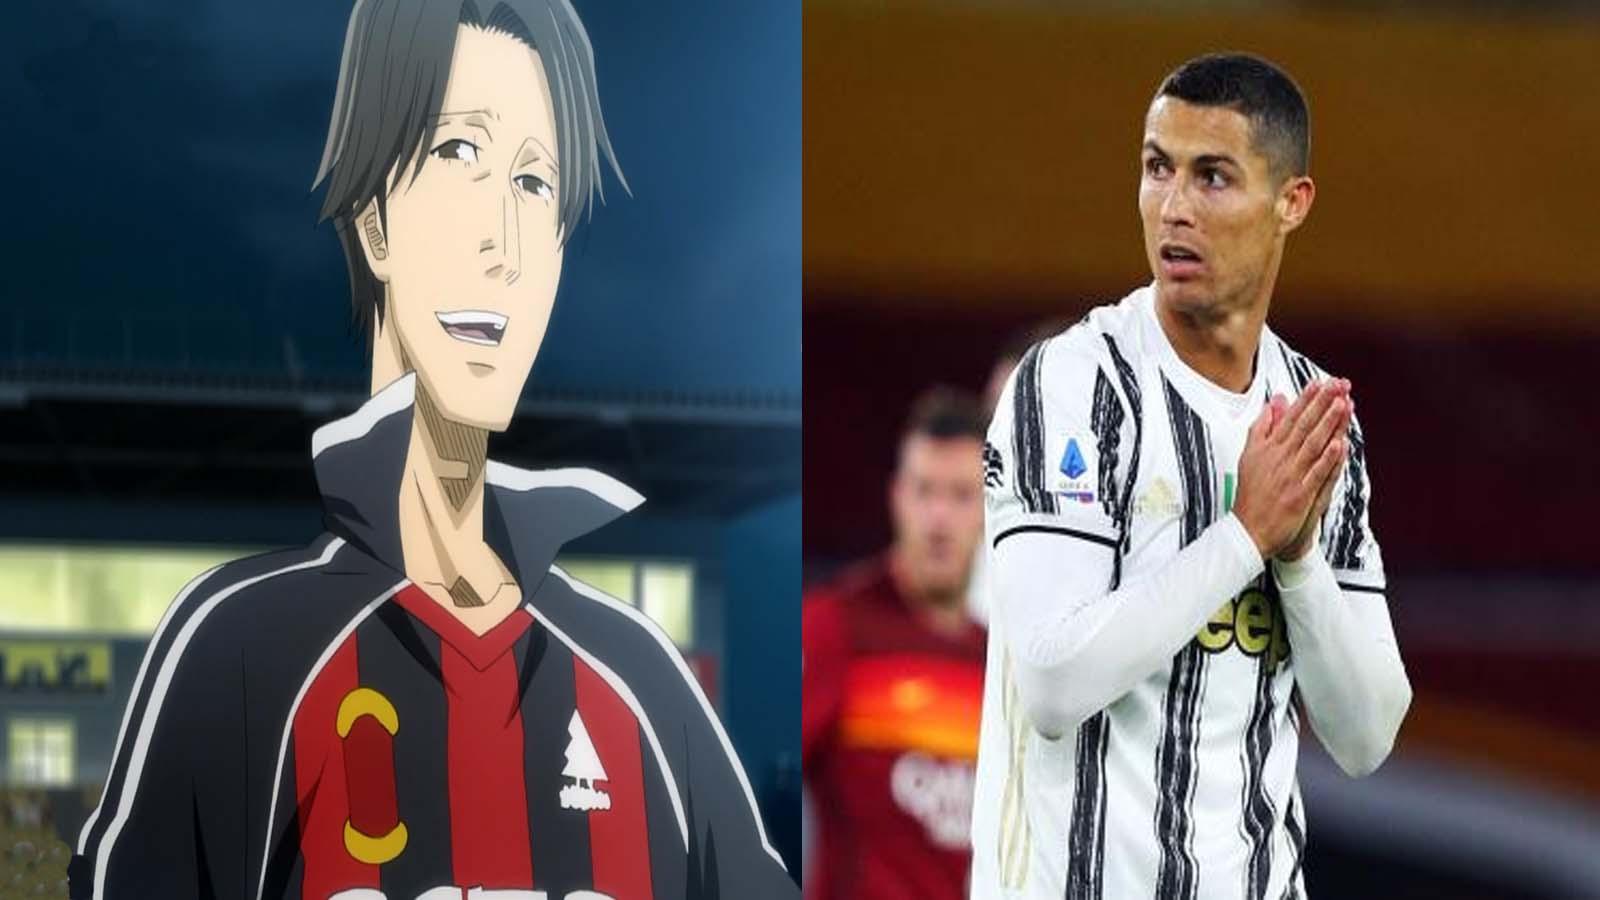 Personajes parecidos a Cristiano Ronaldo - Luigi Yoshida